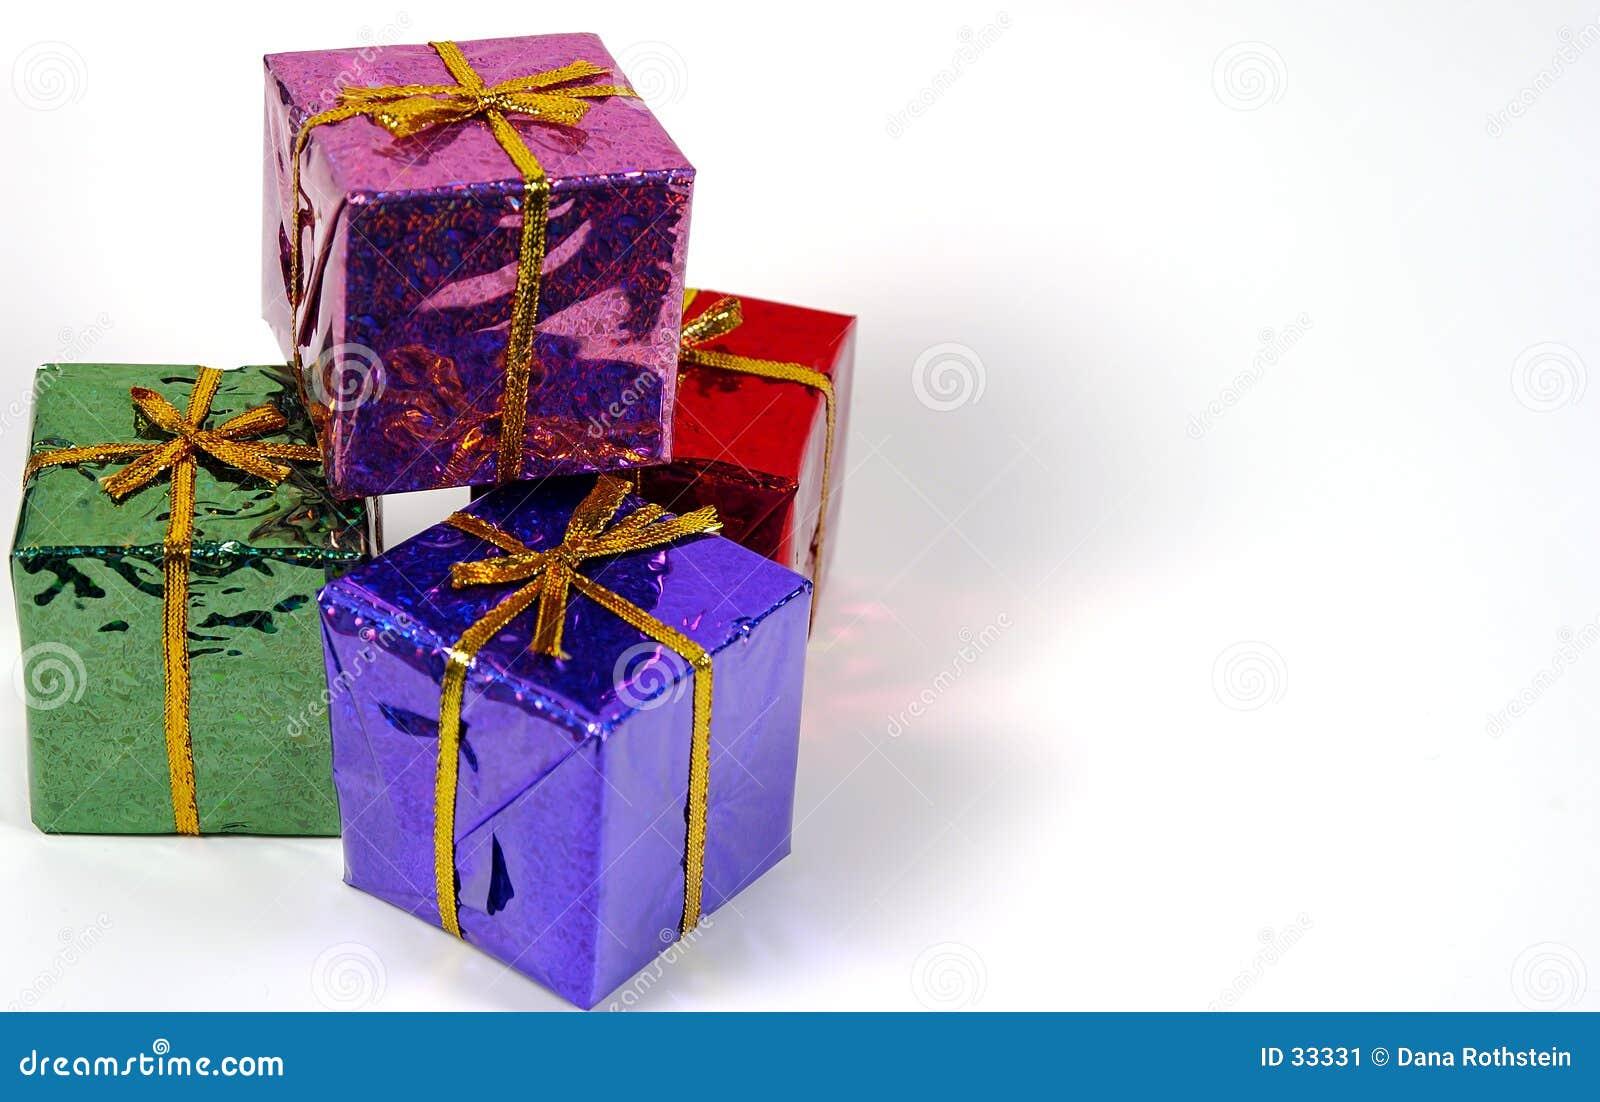 Download Día de fiesta Giftboxes imagen de archivo. Imagen de presente - 33331